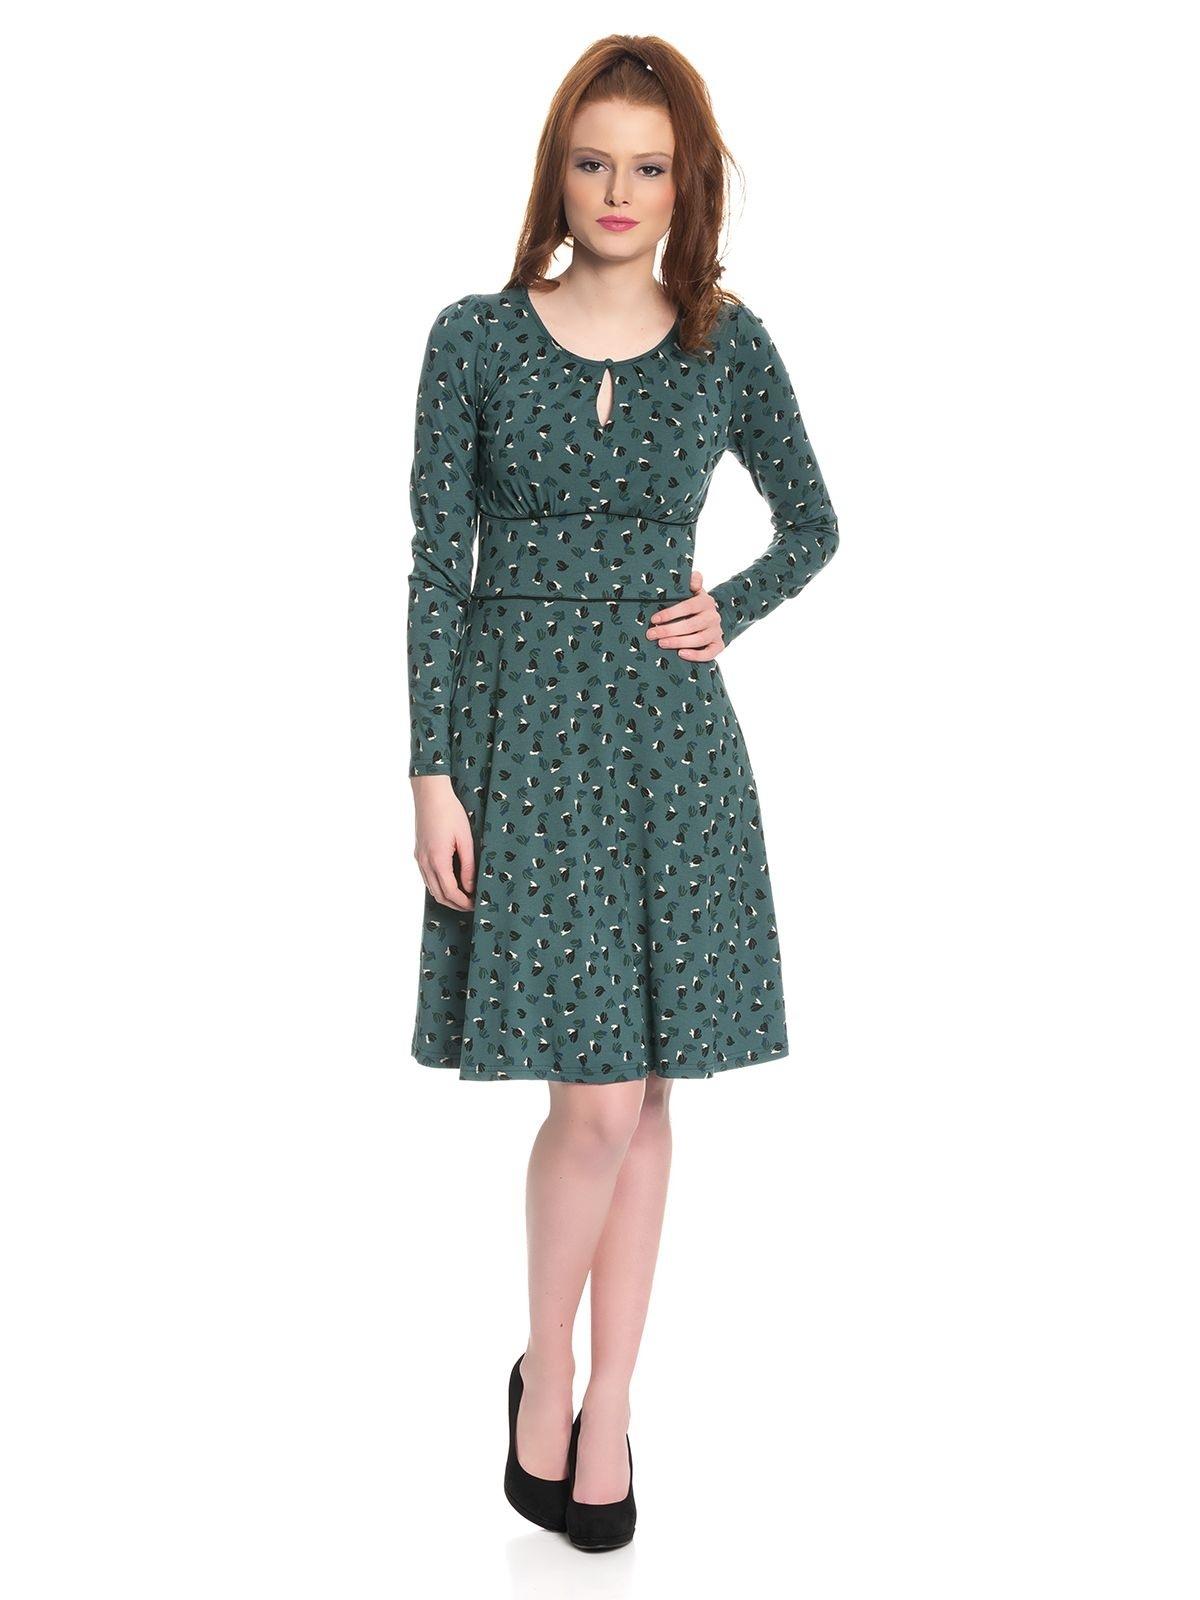 17 Genial Damen Kleid Grün ÄrmelDesigner Einfach Damen Kleid Grün Galerie